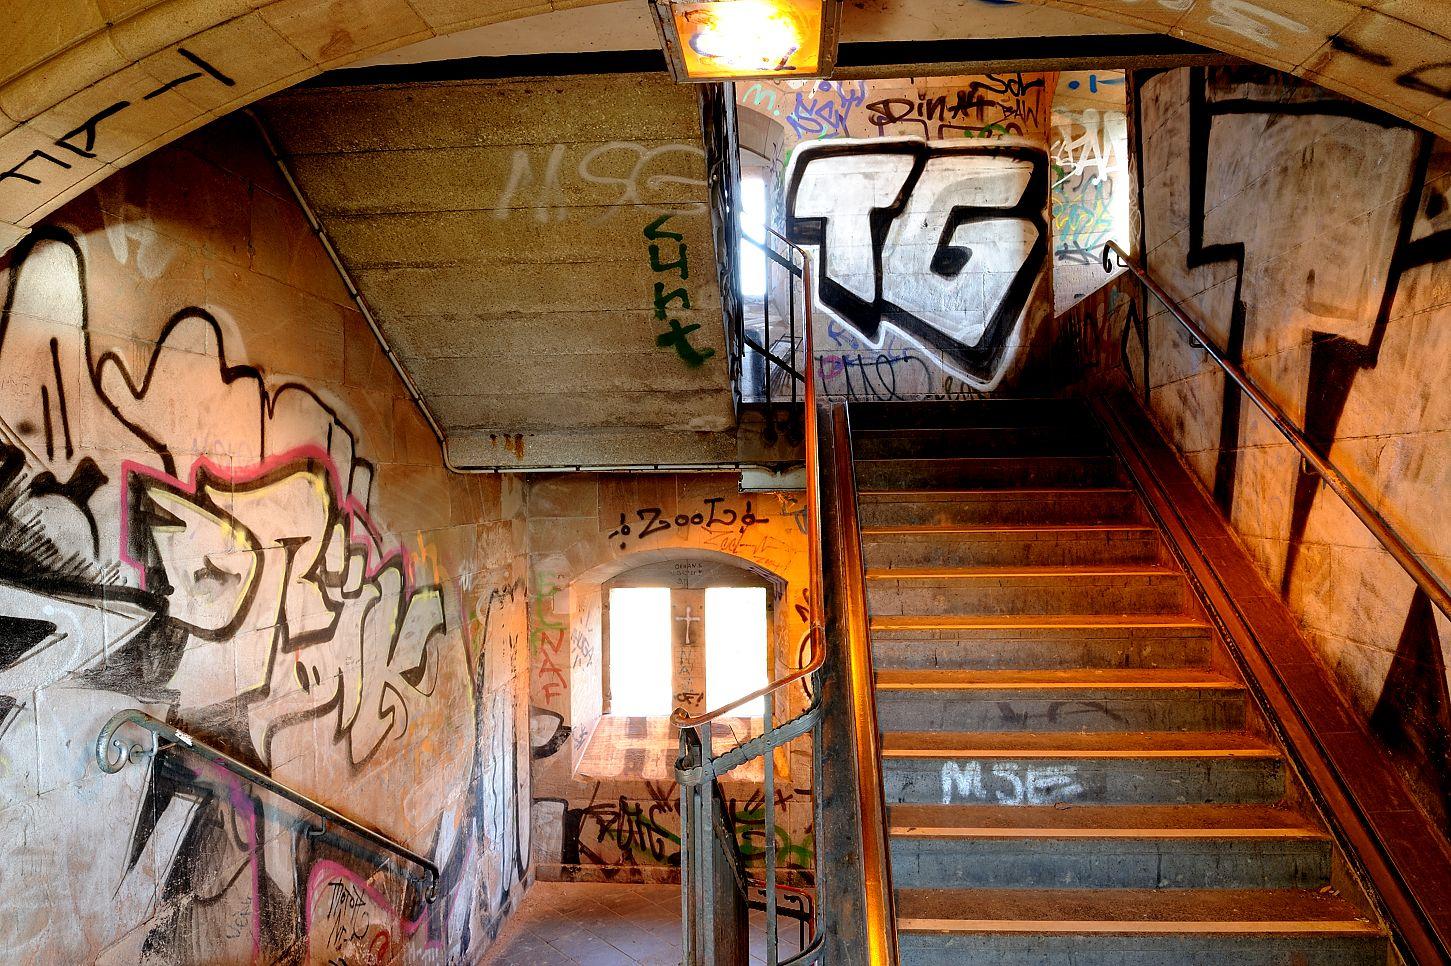 graffiti im treppenhaus der k lner s dbr cke foto bild kunstfotografie kultur kleinkunst. Black Bedroom Furniture Sets. Home Design Ideas